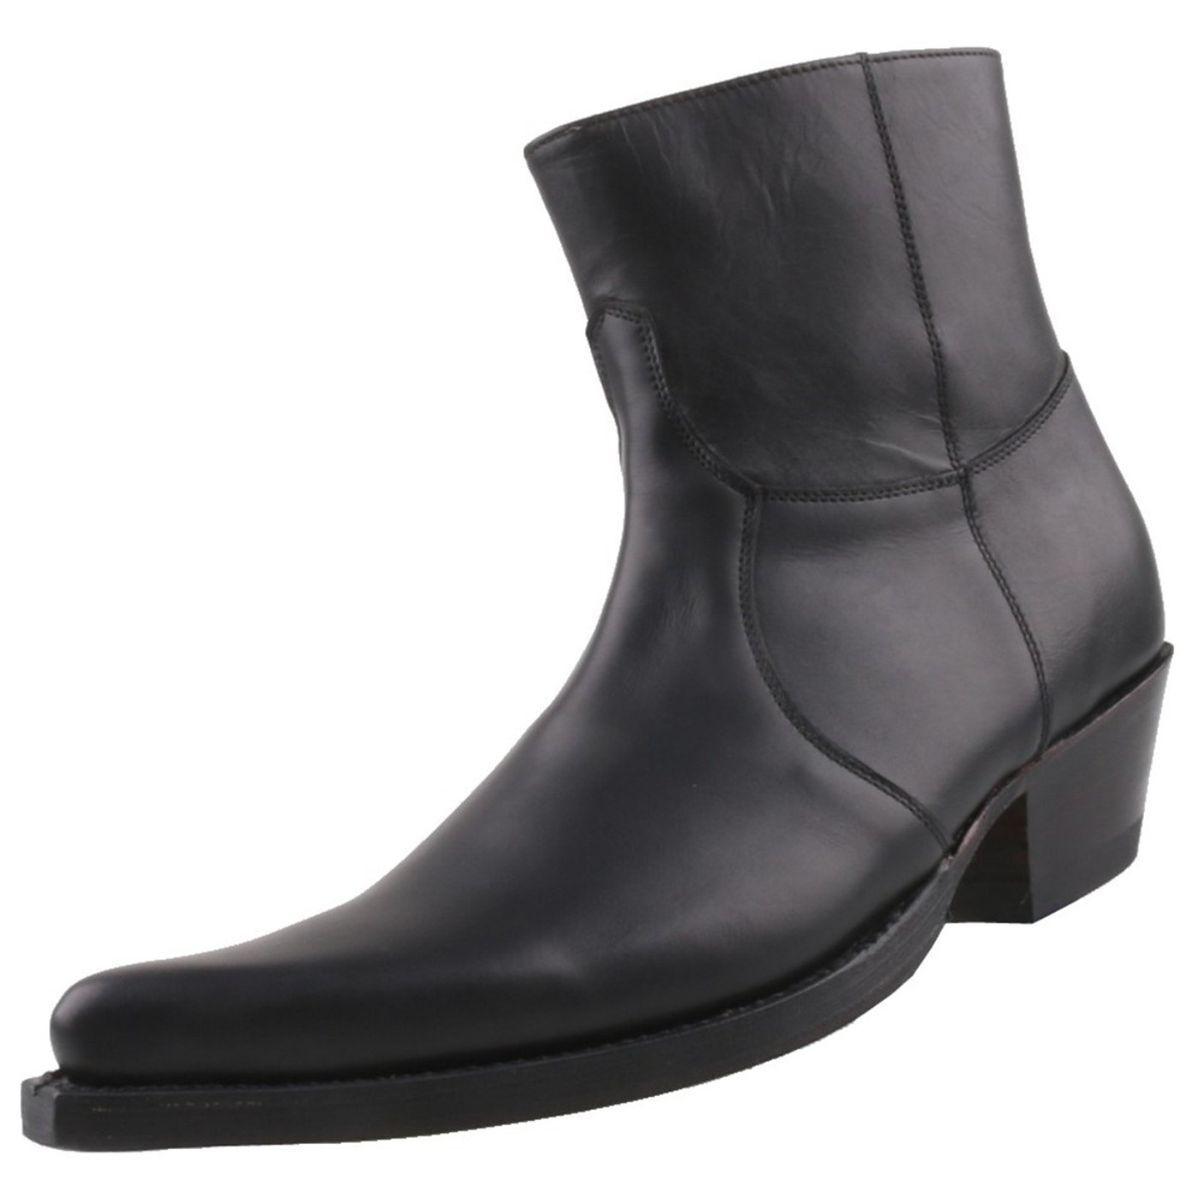 NUEVO SENDRA botas Zapatos Hombre Botines botas vaqueras botas de piel